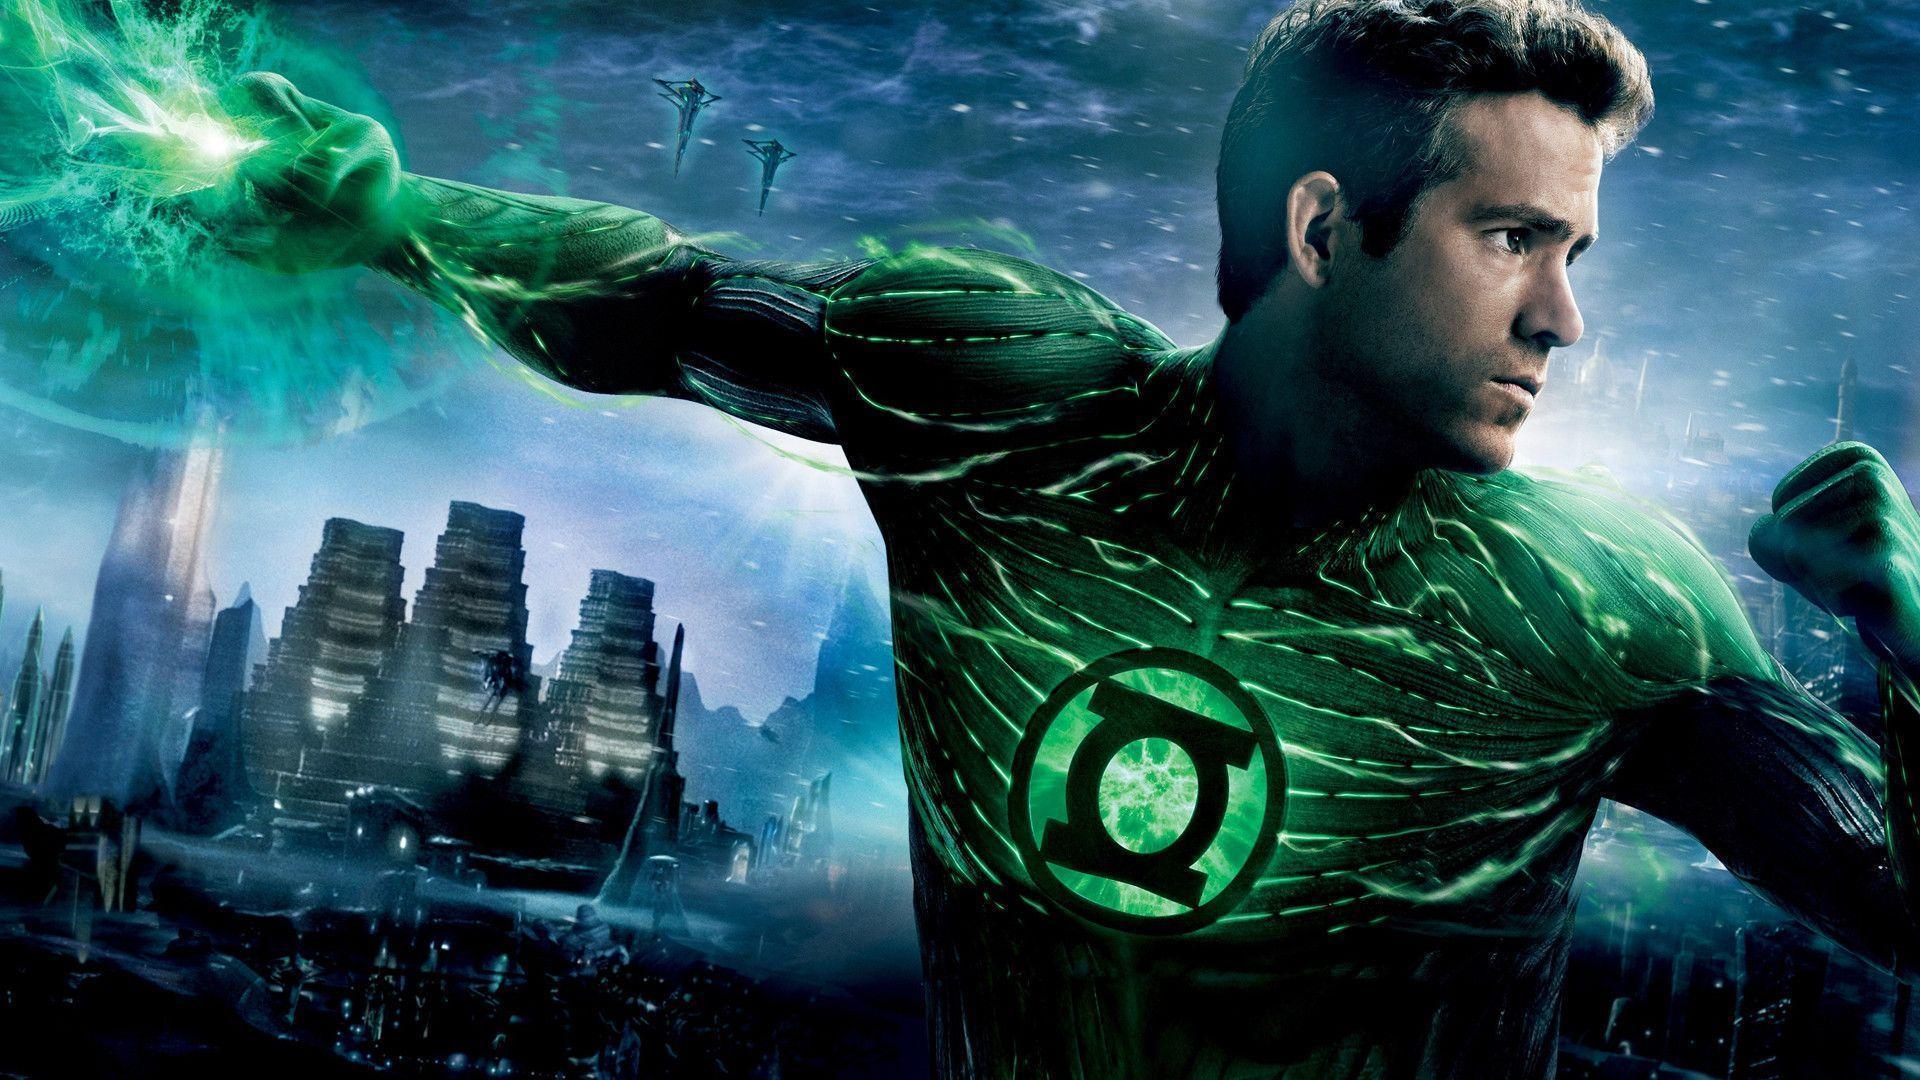 green lantern full movie free download in english